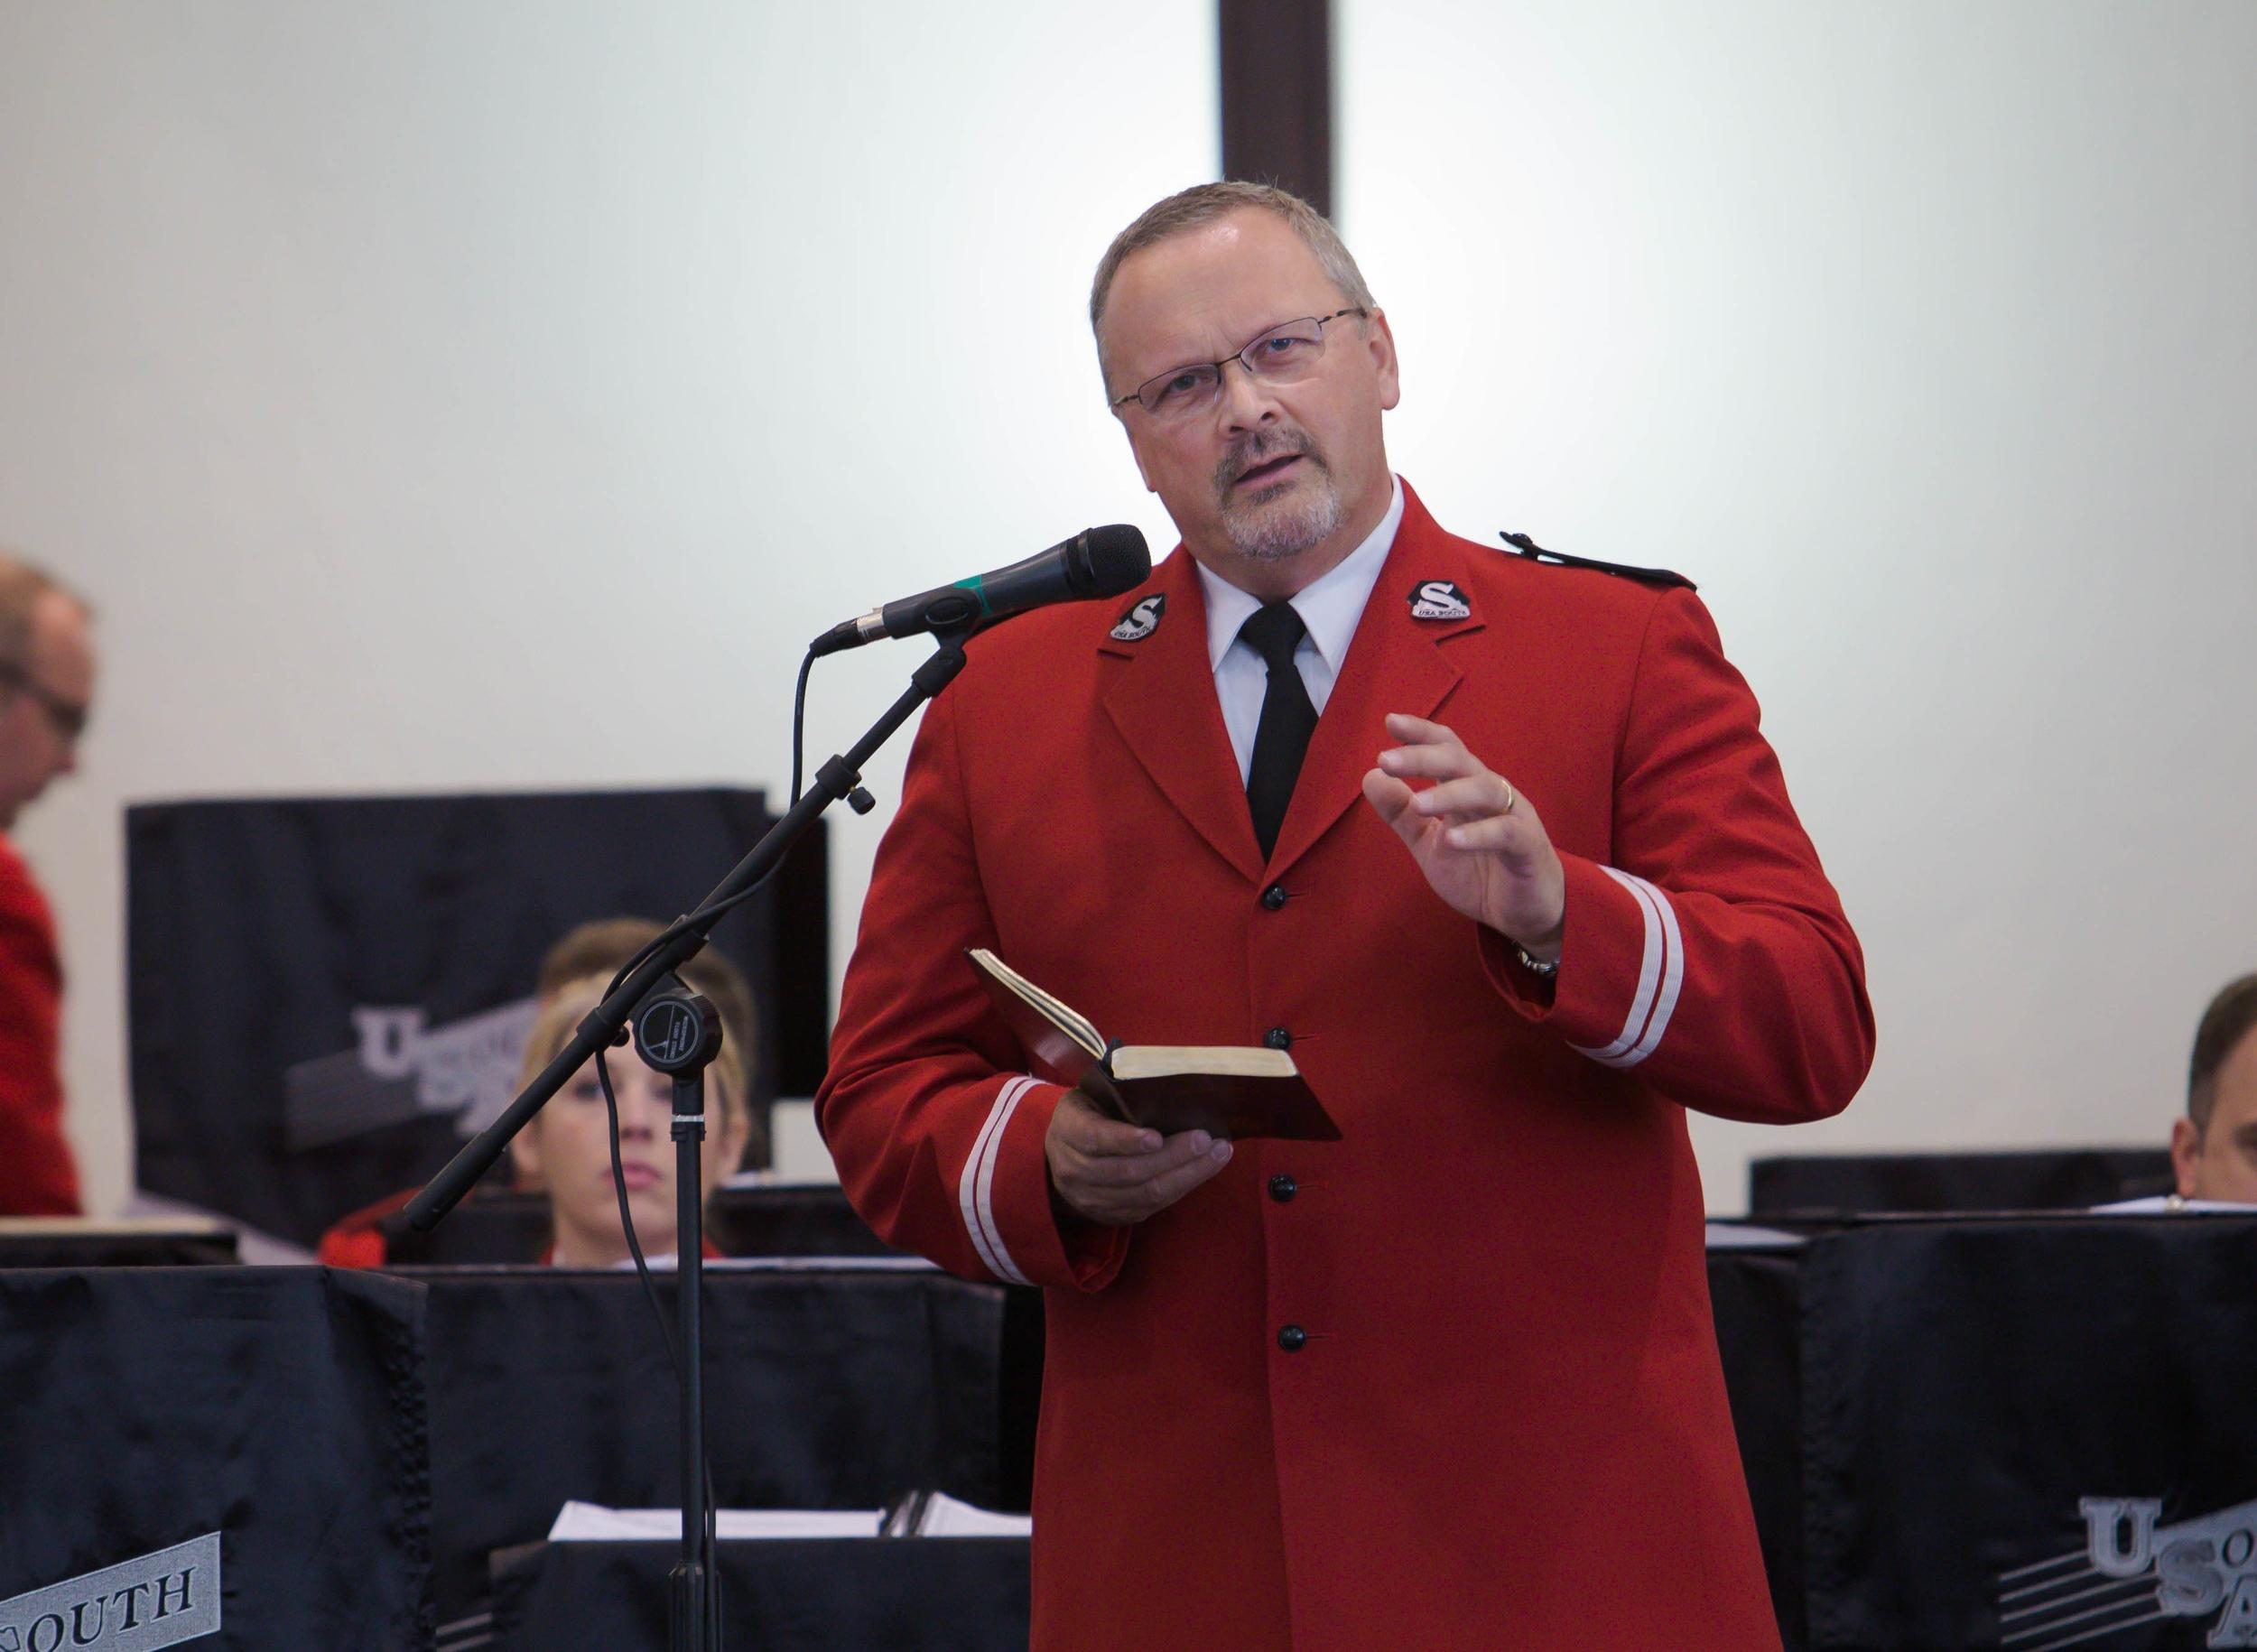 Band chaplain Captain Michael Harris